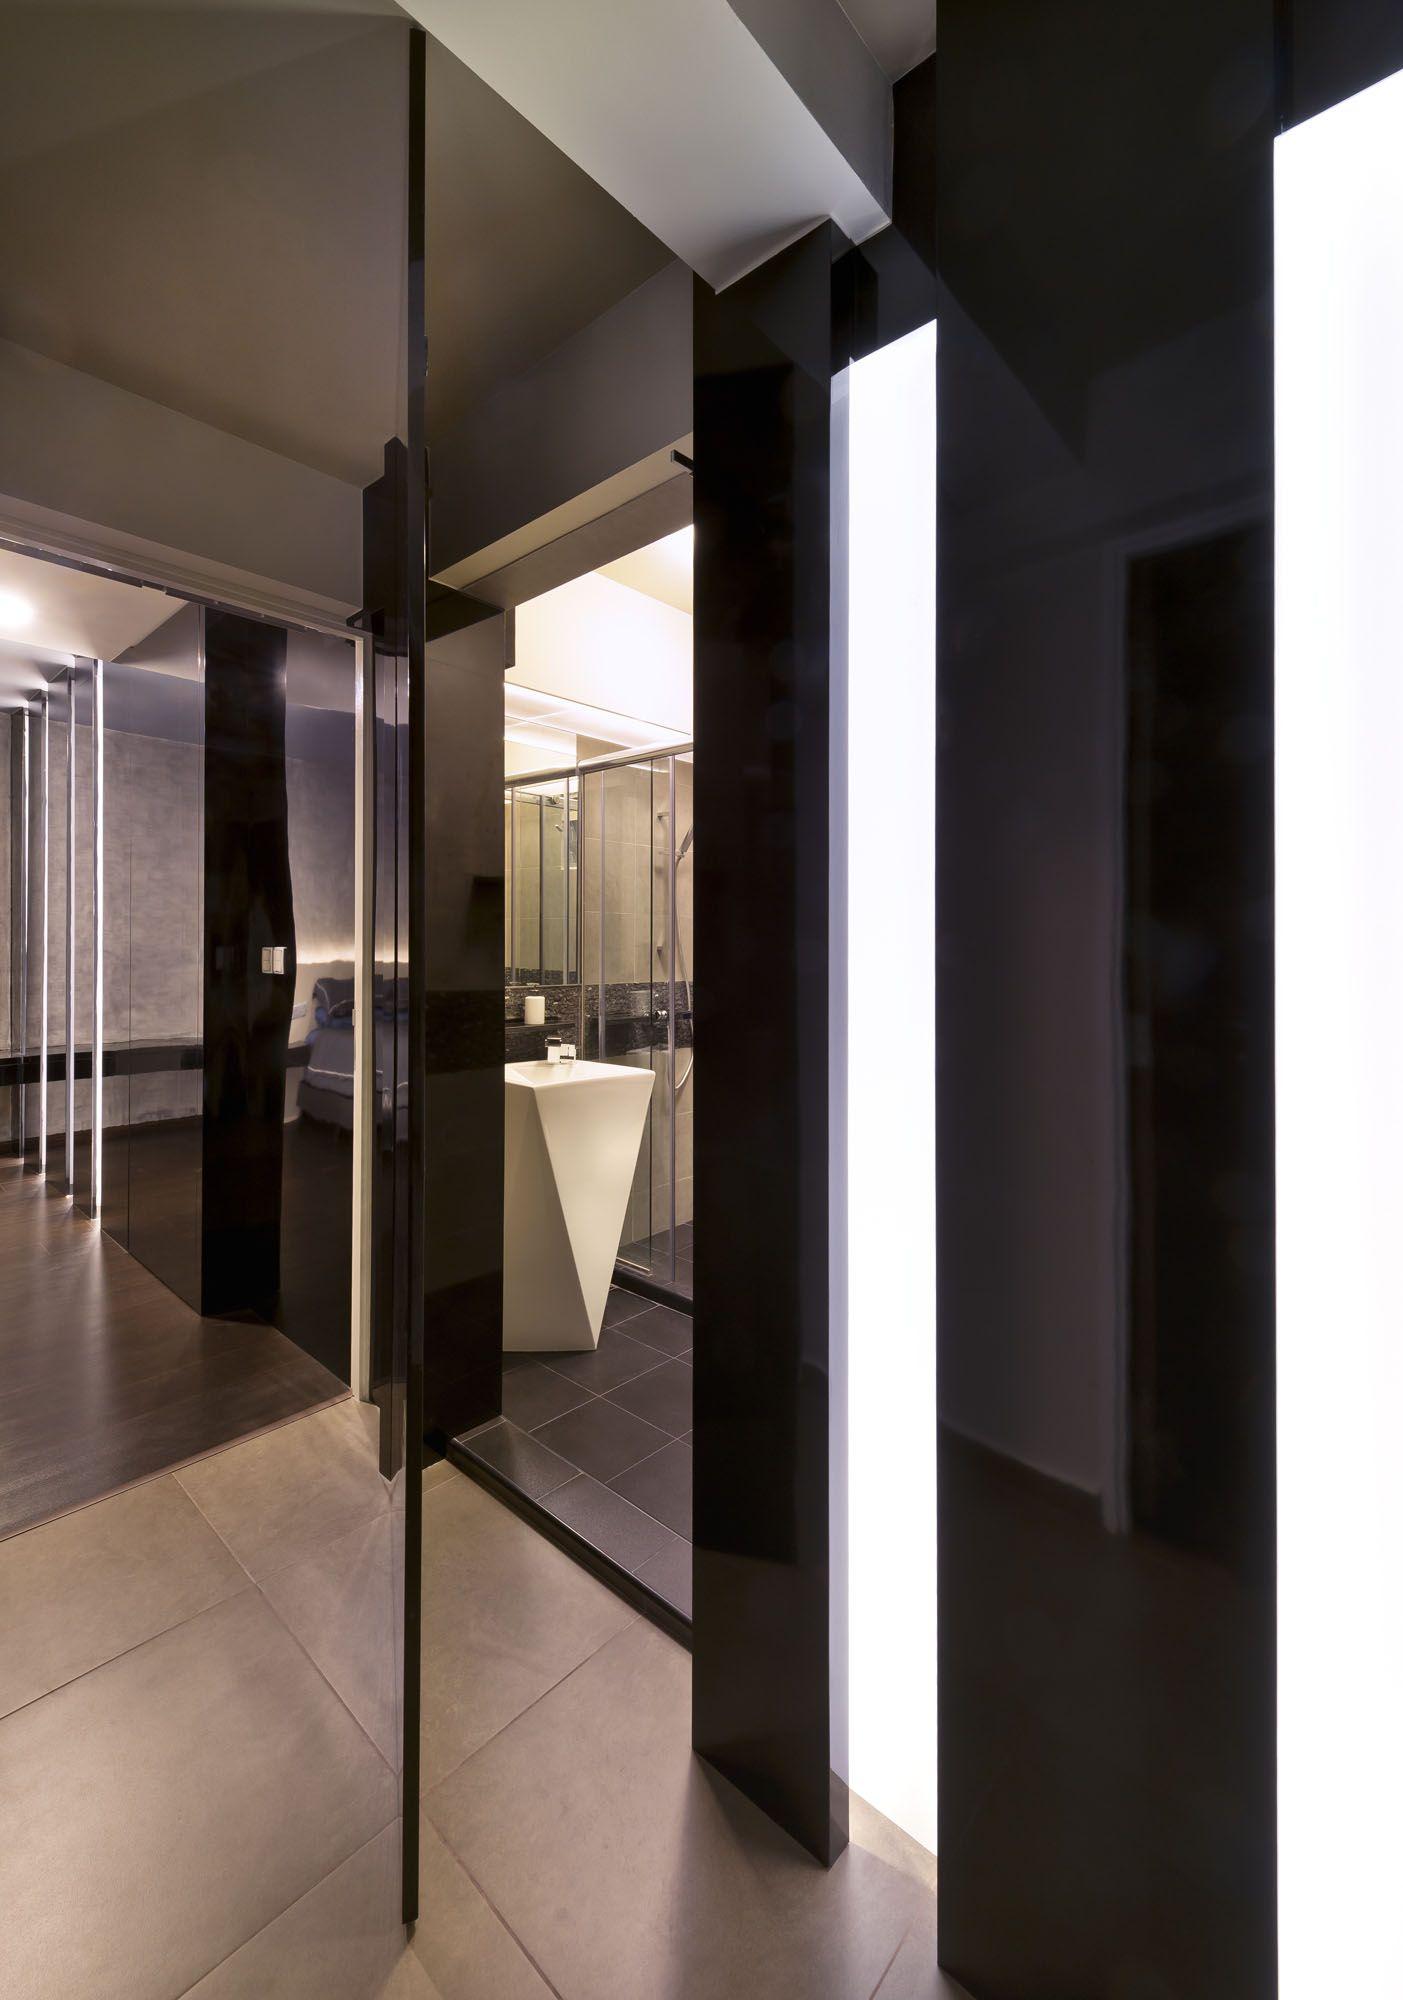 Hidden bathroom door - Tinted Mirror Hallway Hidden Bathroom Door Lighting Wood Flooring